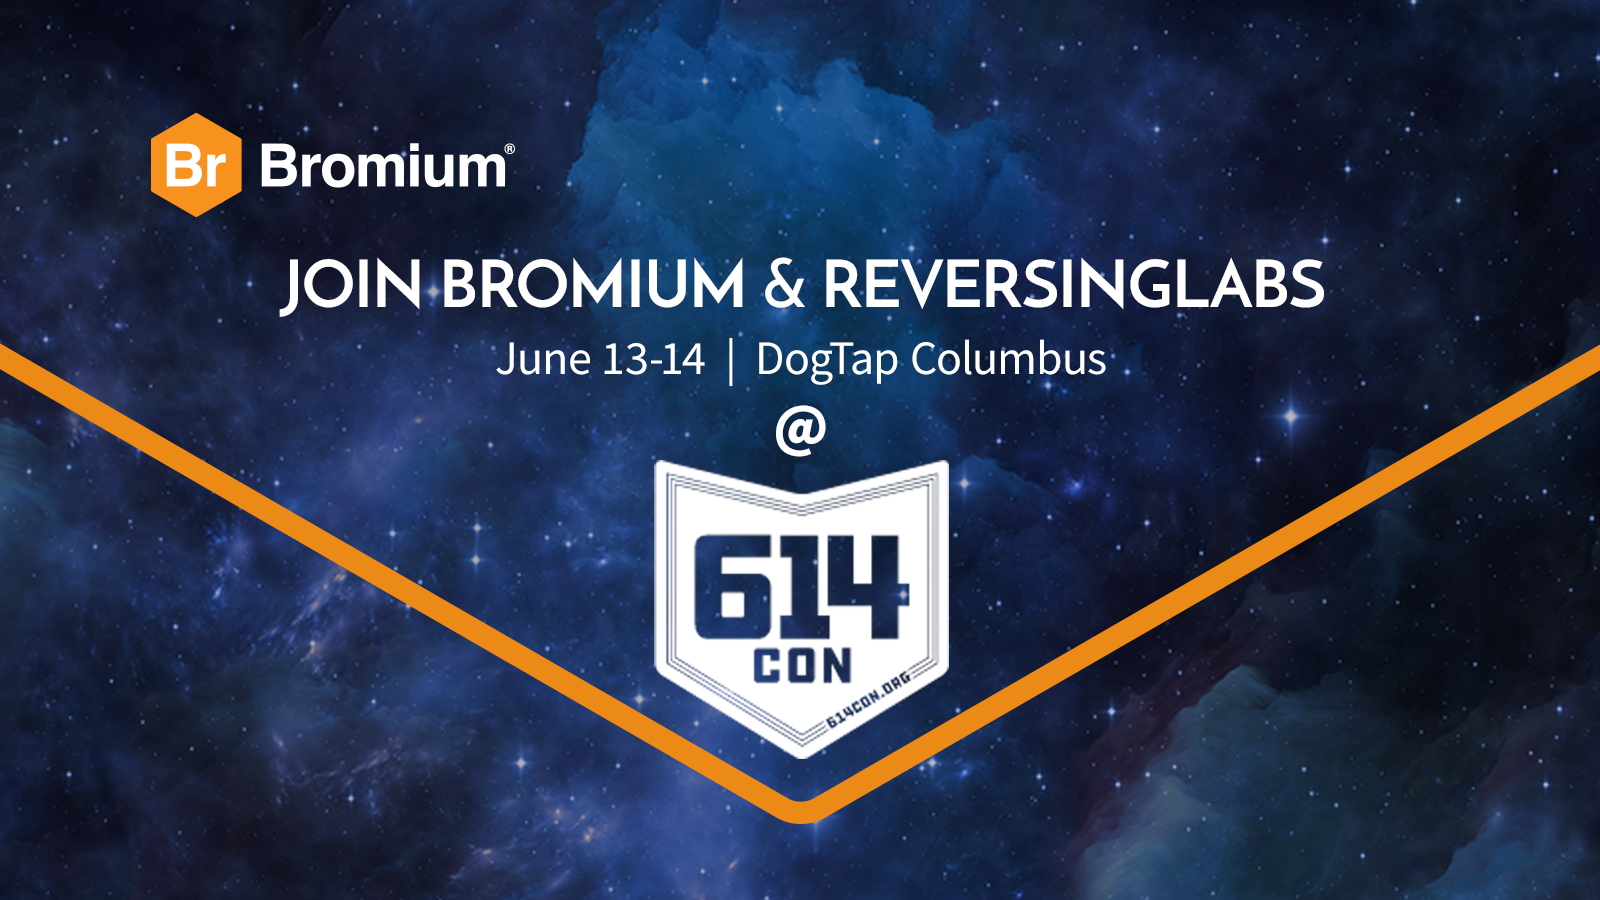 Bromium-614Con-ReversingLabs